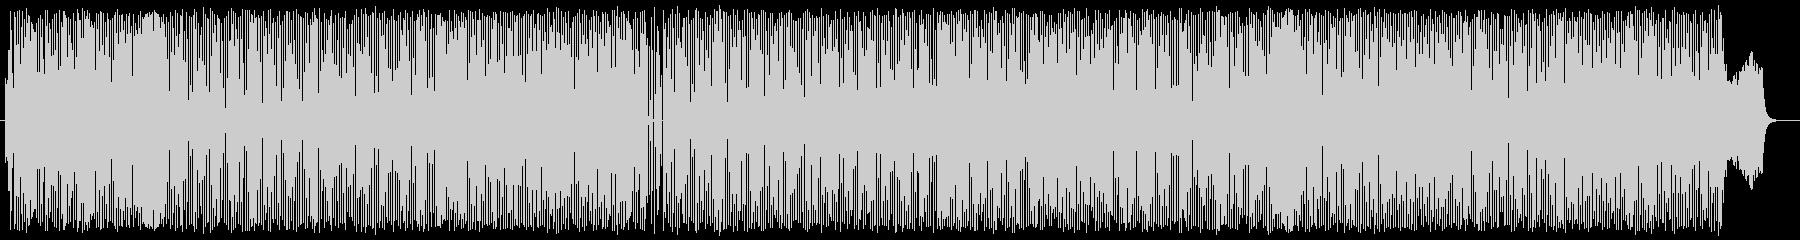 ハーモニカとピアノ哀愁レゲエの未再生の波形